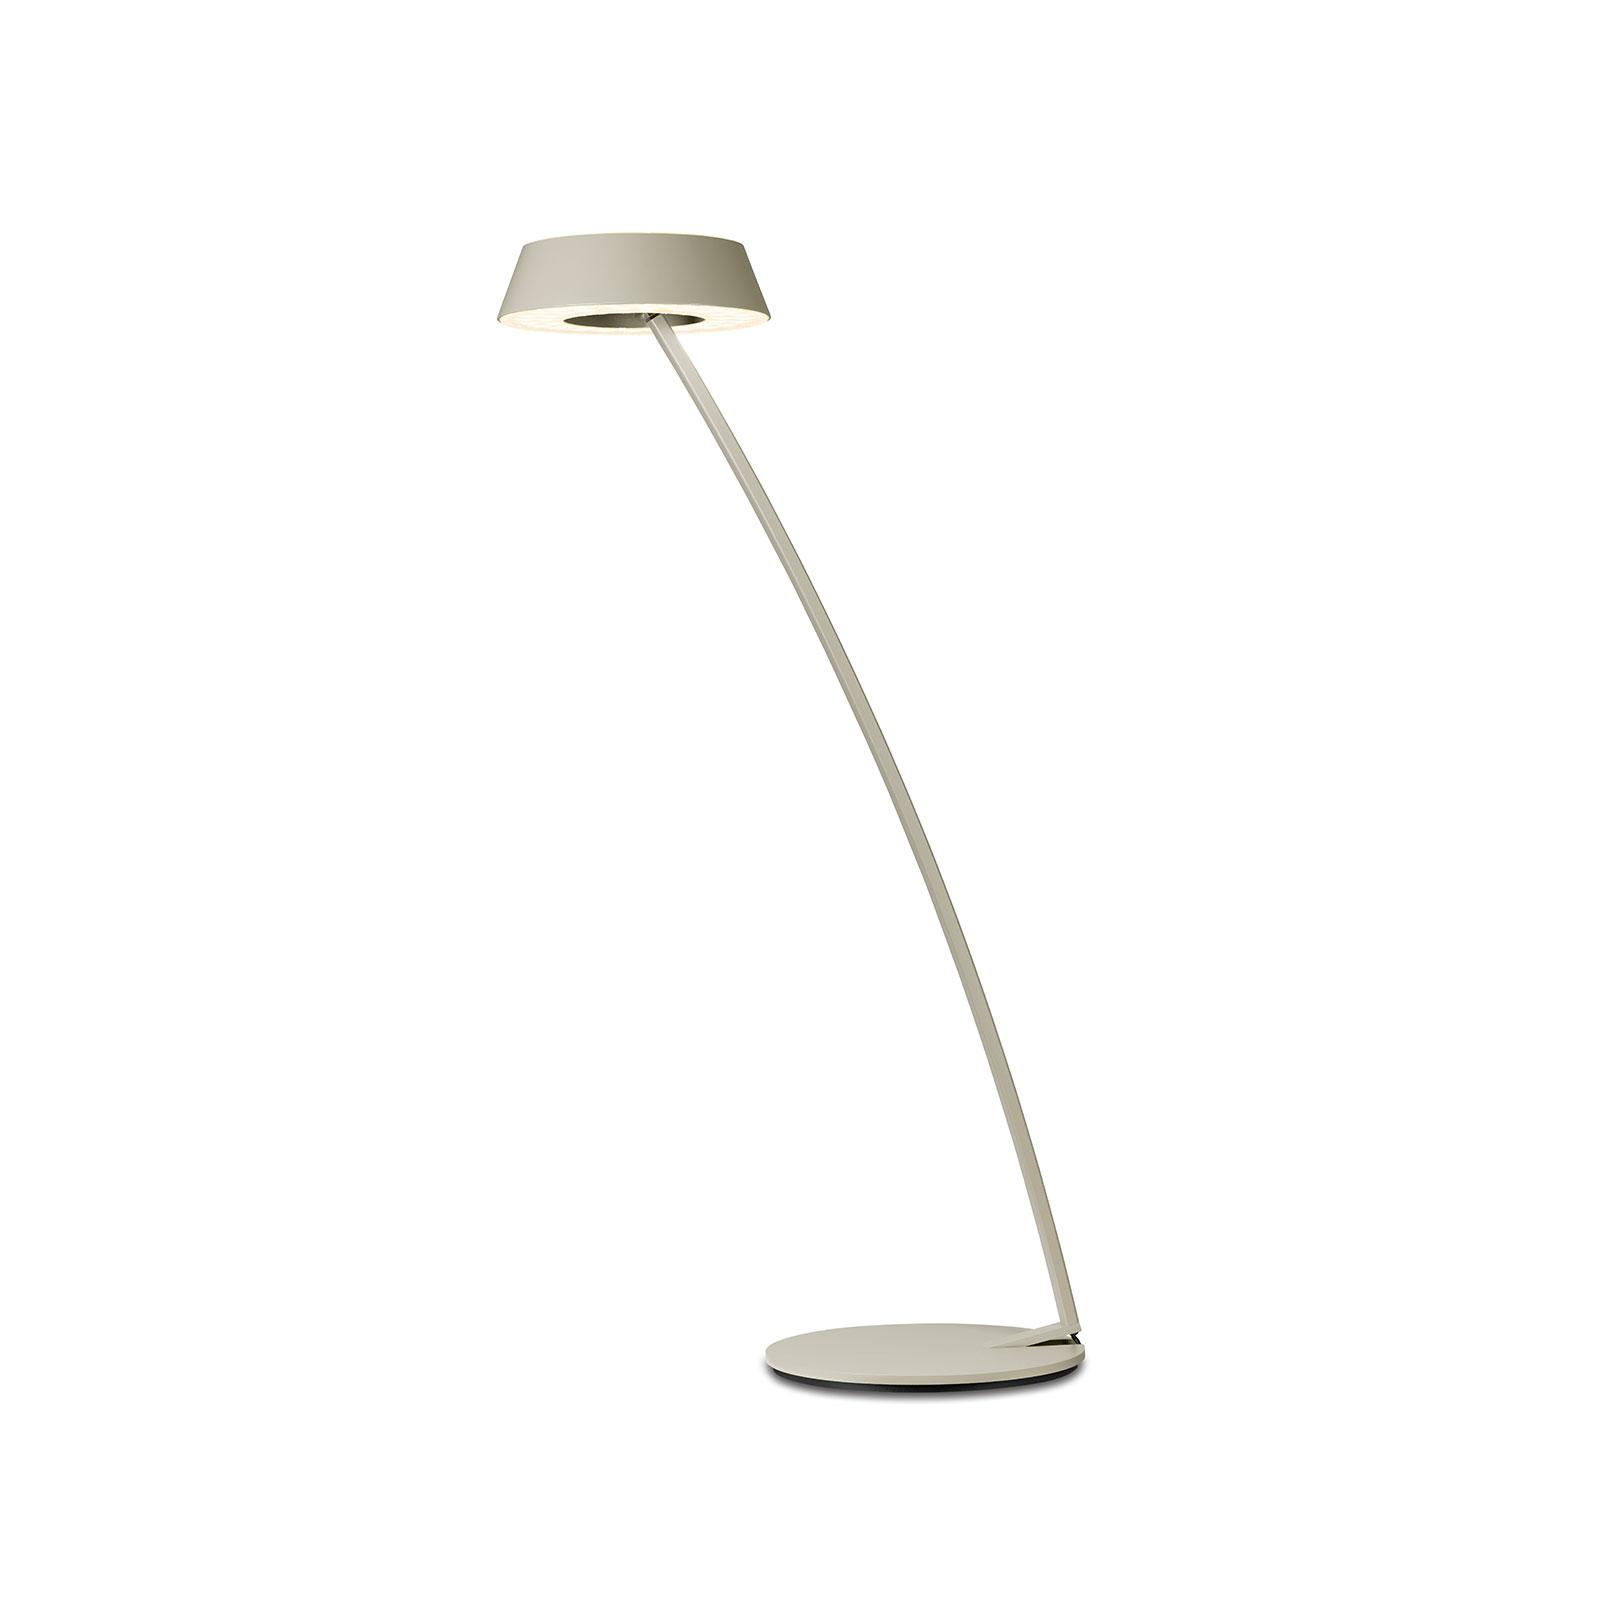 OLIGO Glance lampa stołowa LED wygięta kaszmir